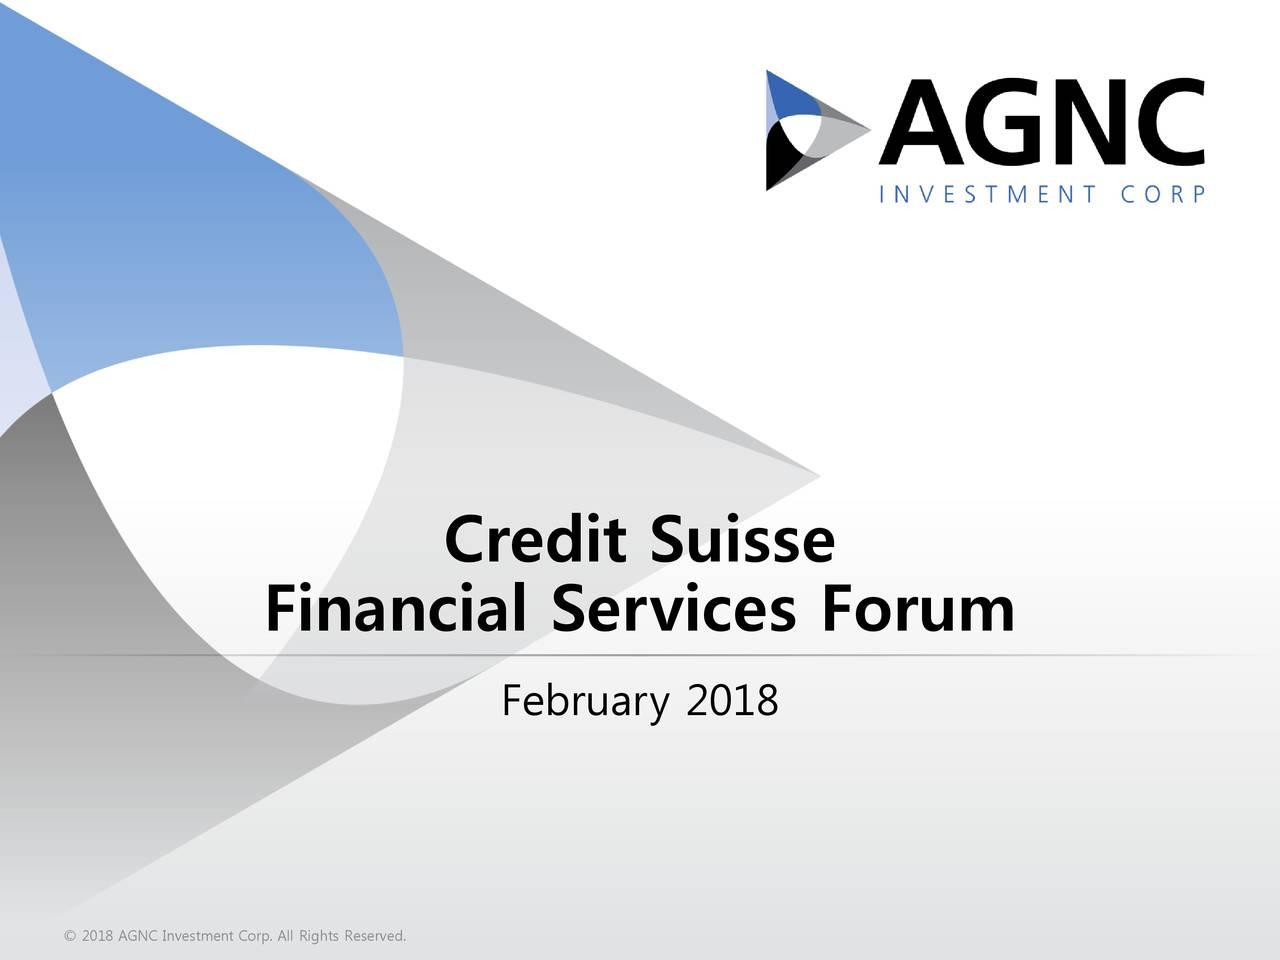 AGNC Investment (AGNC) Presents At Credit Suisse 19th Annual